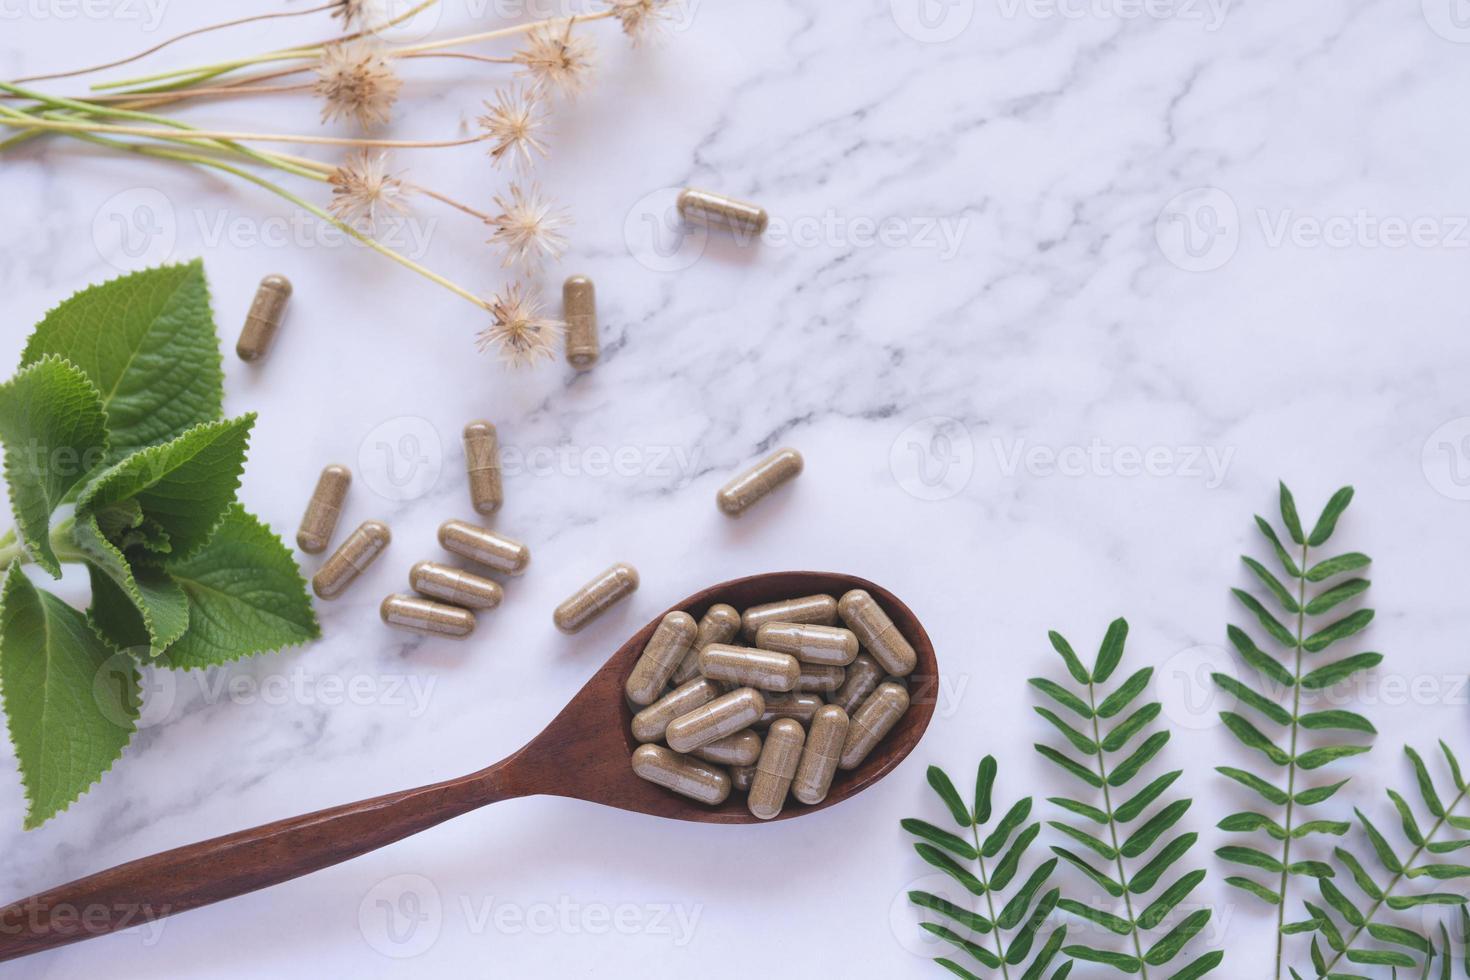 Medicina herbaria en cápsulas en cuchara de madera con hoja verde natural sobre mármol blanco foto